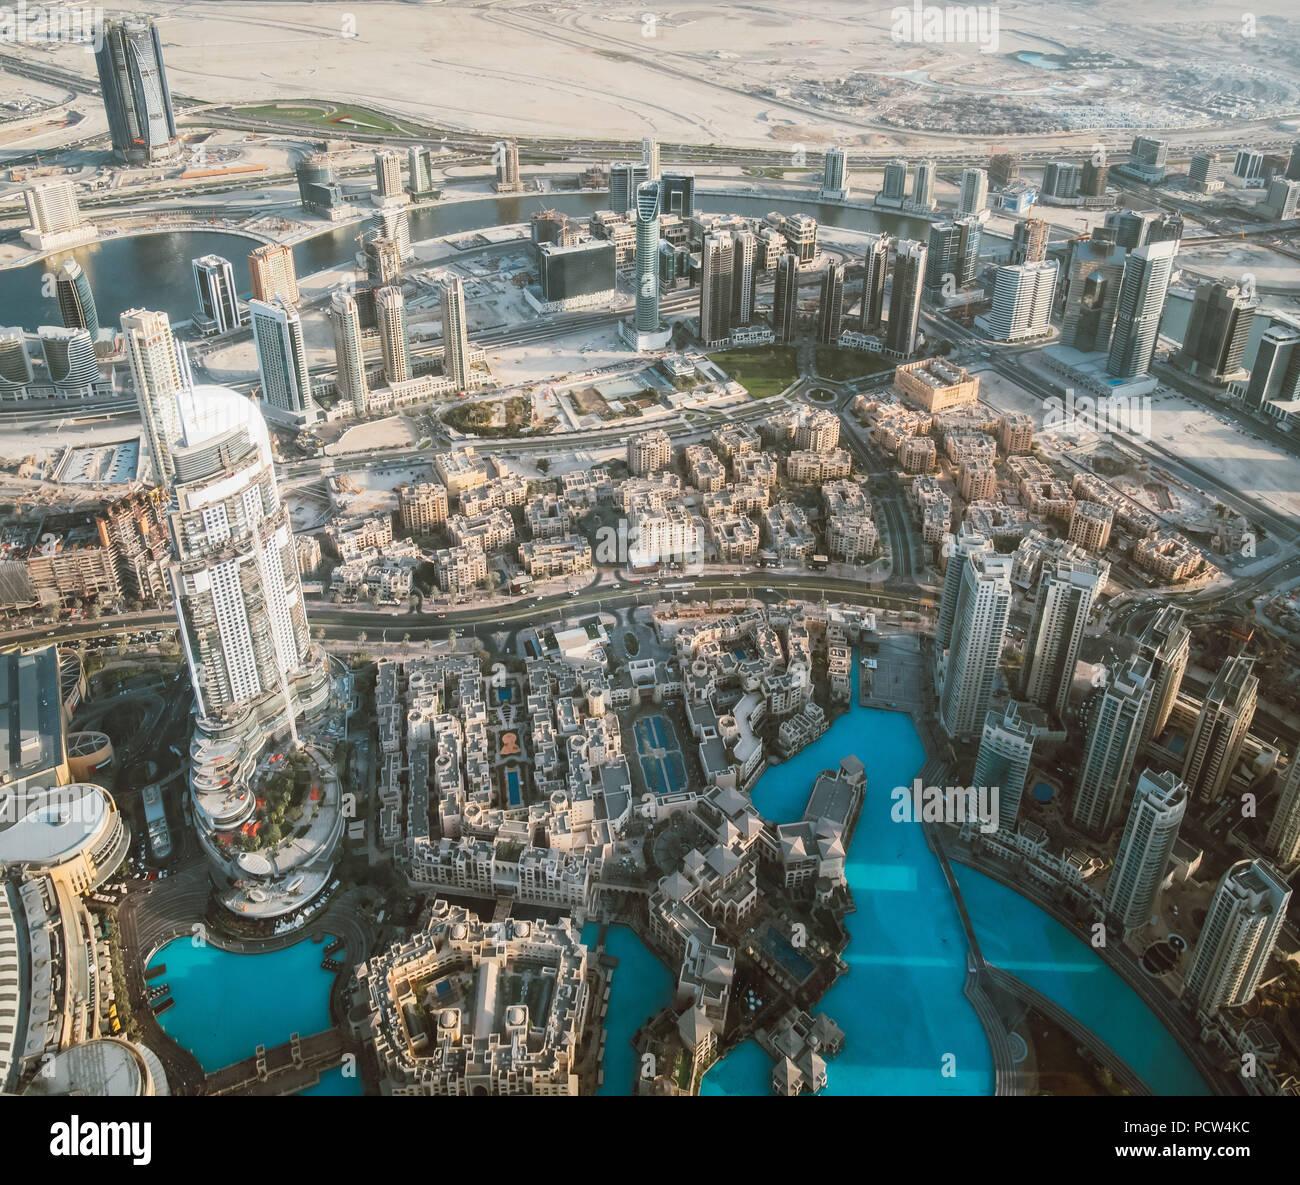 Hermosa vista desde la parte superior del horizonte de Dubai - Emiratos Árabes Unidos Foto de stock